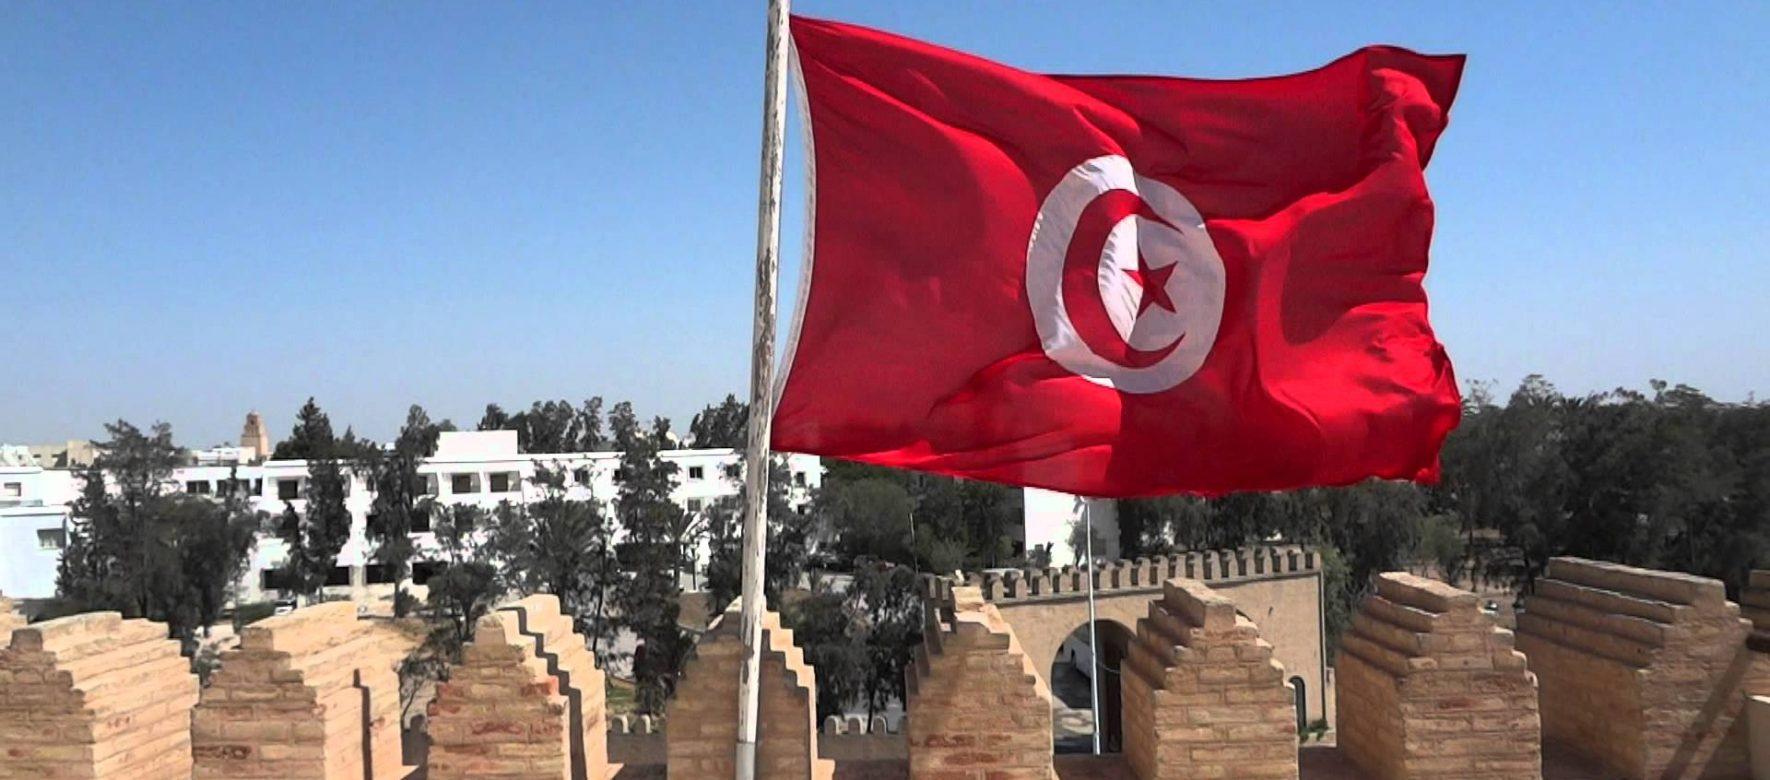 Tunisie: retour sur le bilan social du duo Chahed/Essebsi